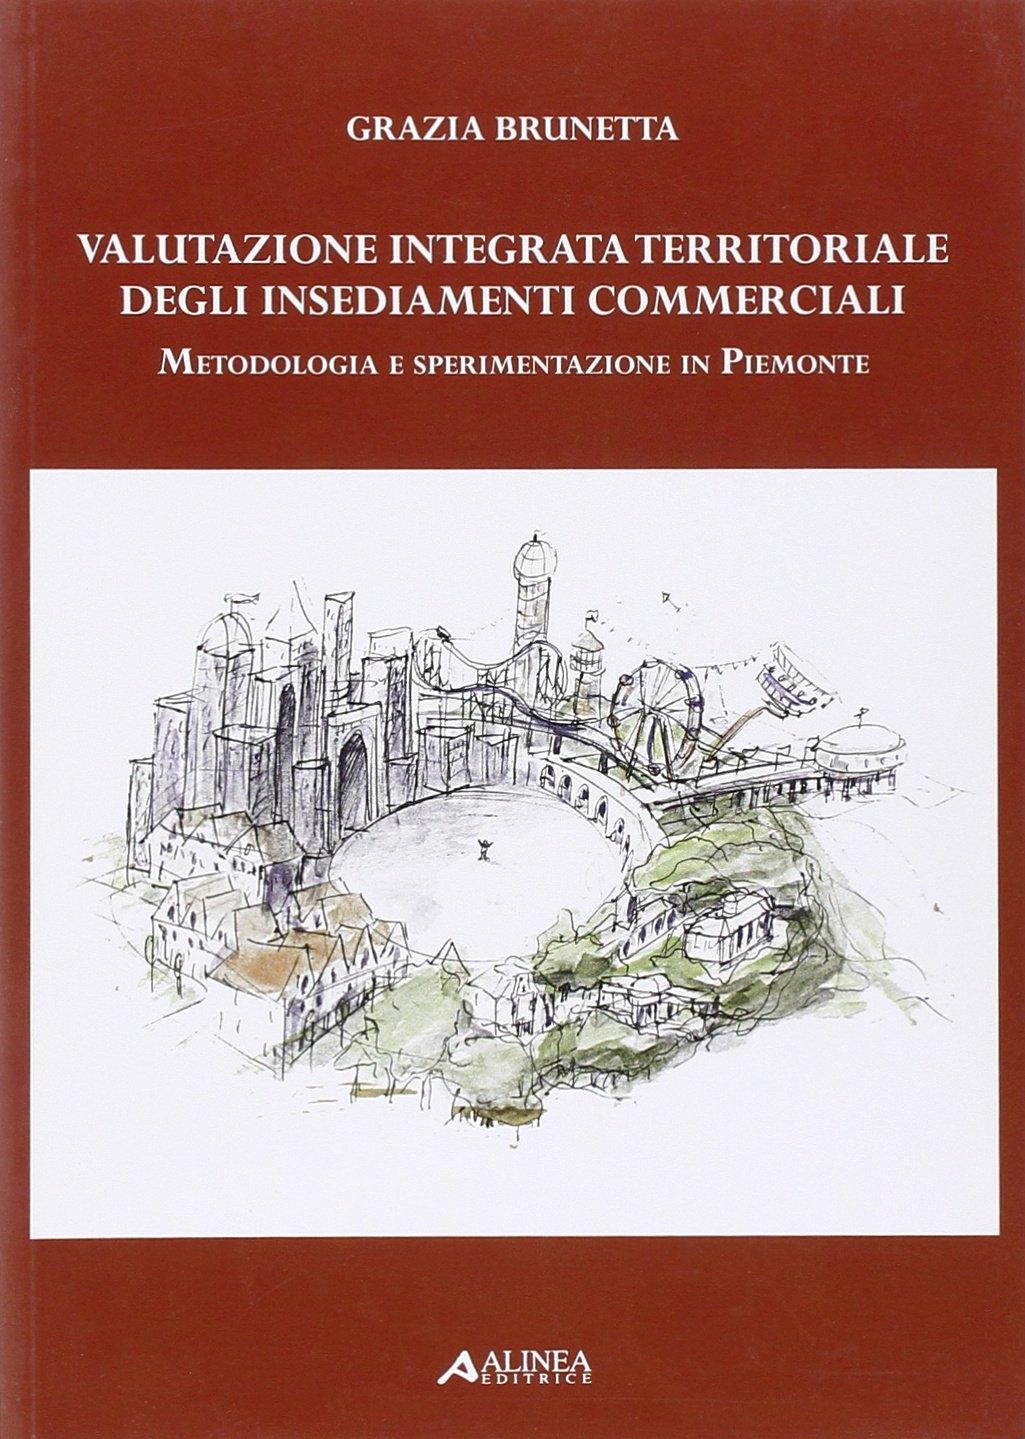 Valutazione integrata territoriale degli insediamenti commerciali. Metodologia e sperimentazione in Piemonte